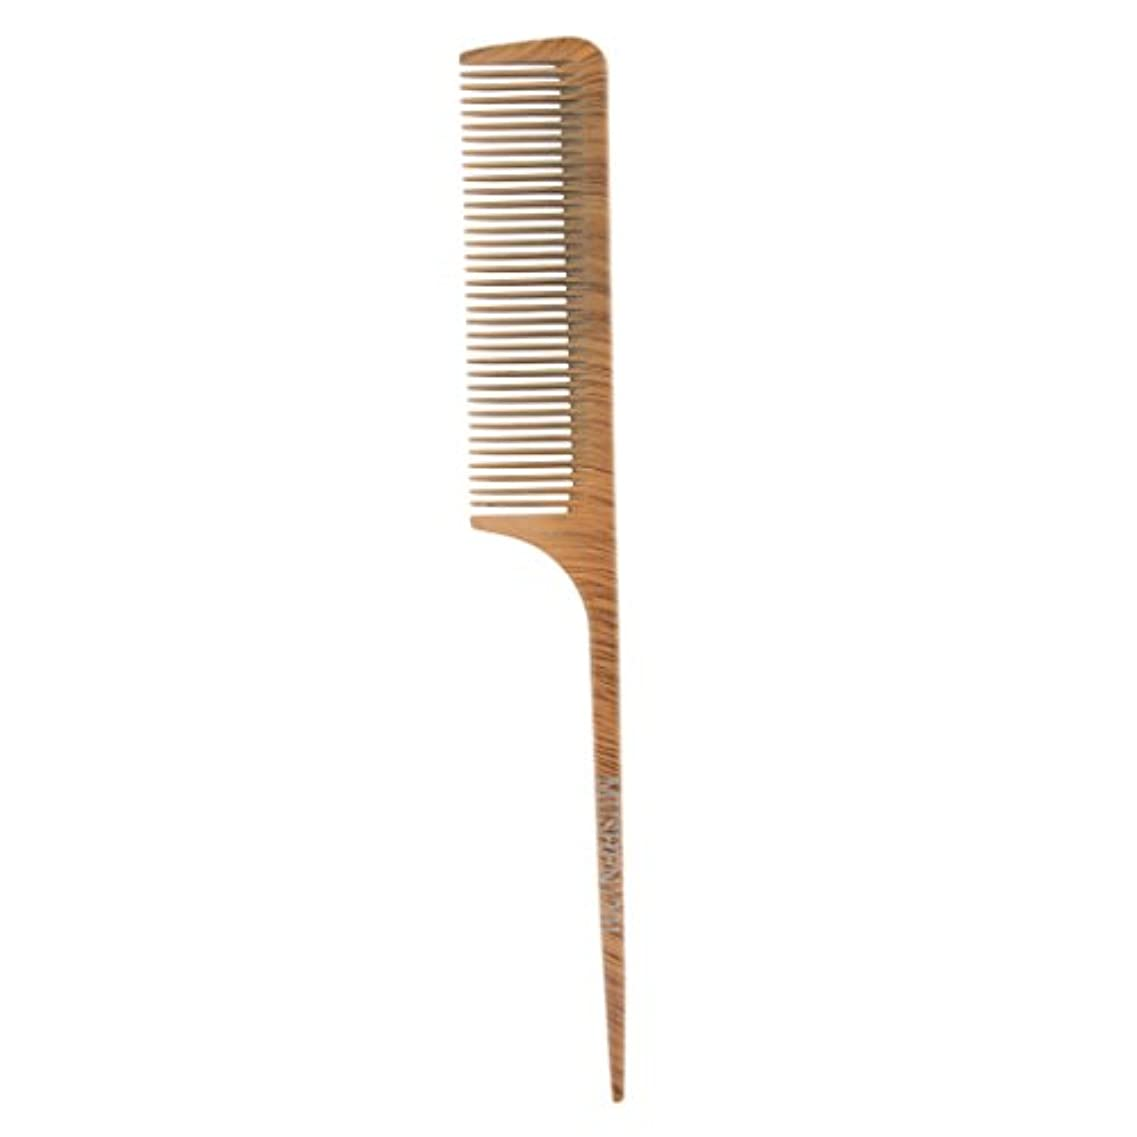 正確さまで民主主義ヘアコーム ヘアブラシ ヘアカットコーム ウッド 帯電防止 サロン 理髪師 ヘアケア 4タイプ選べる - 1201